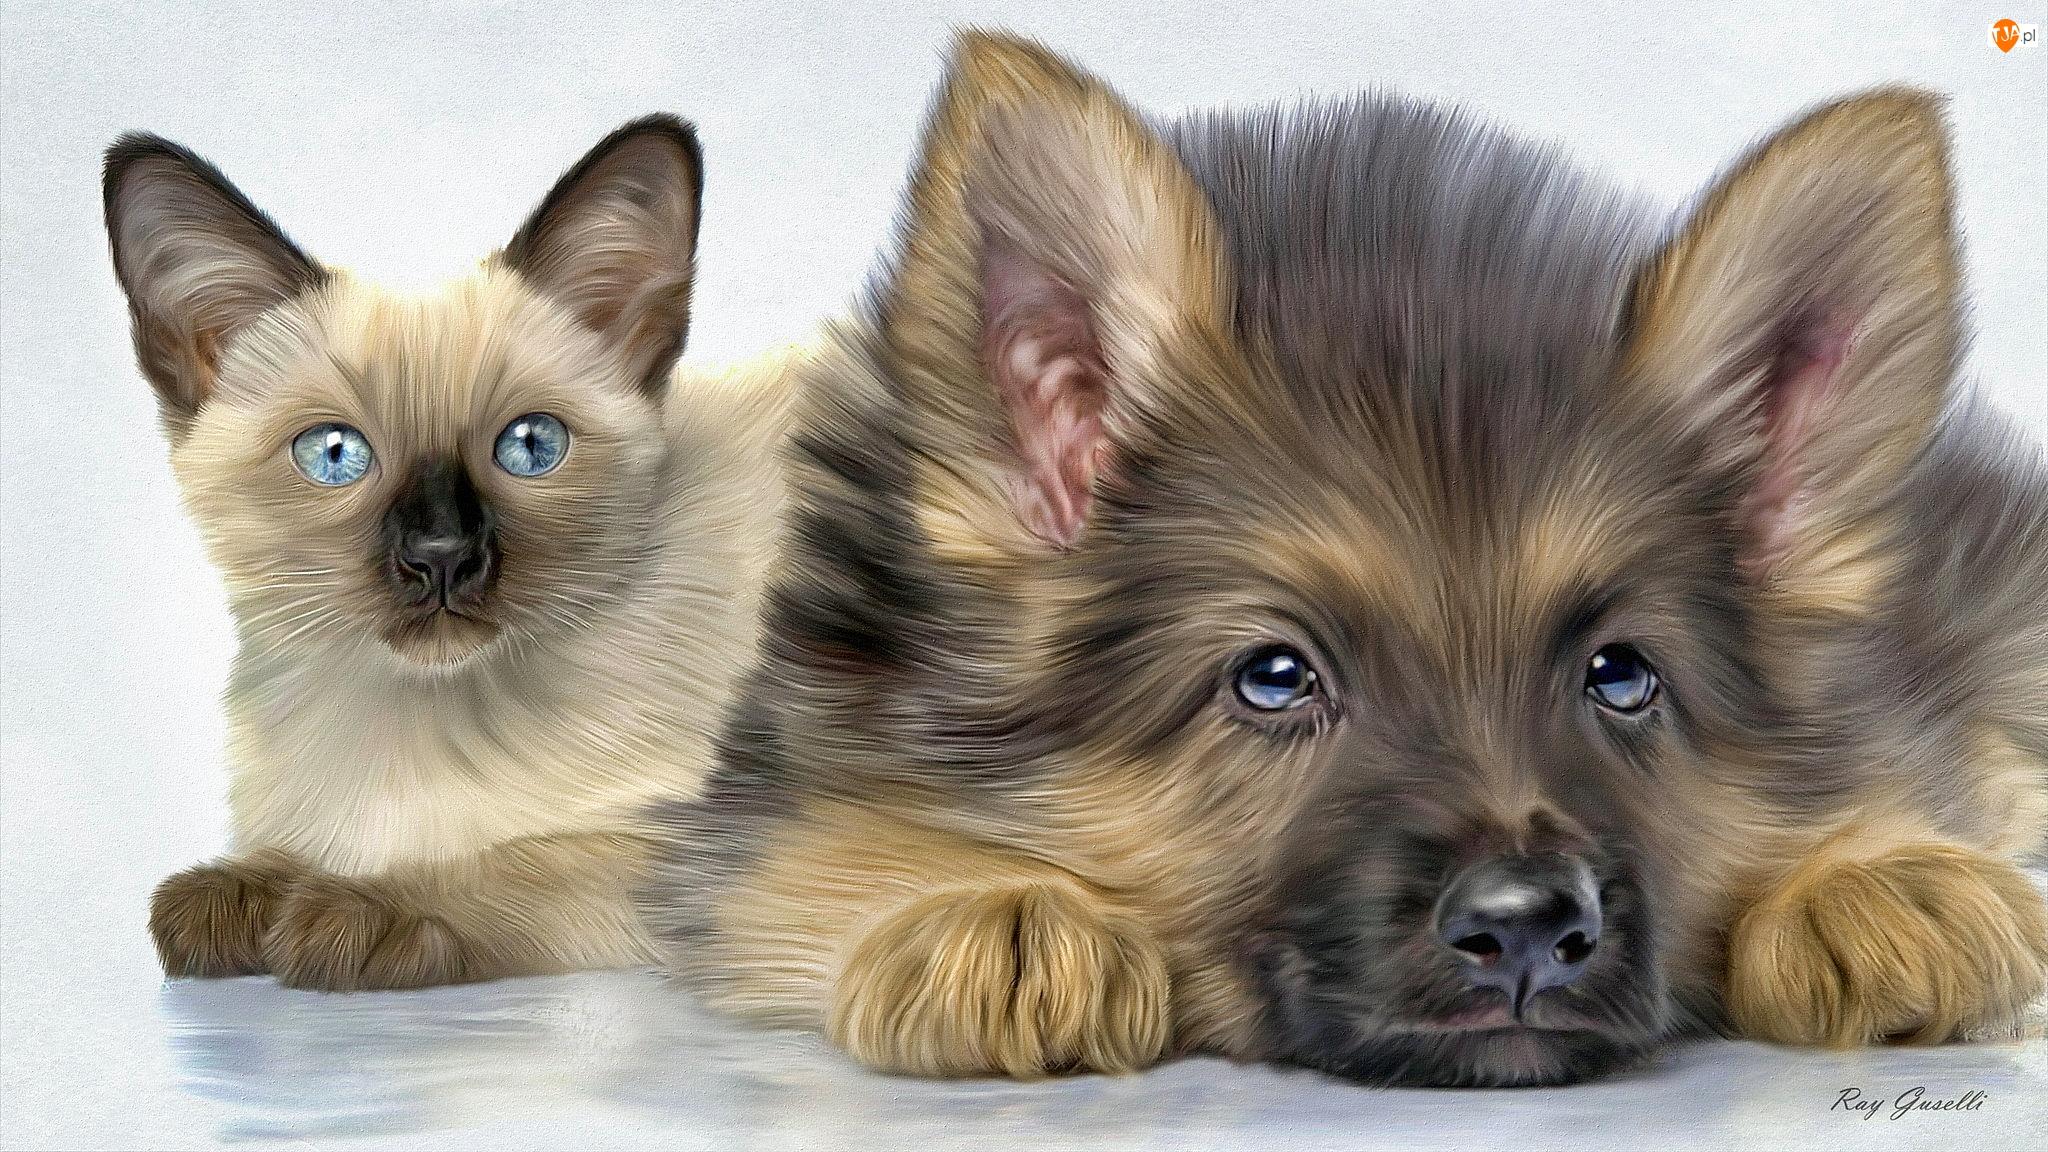 Szczeniak, Grafika, Pies, Kot syjamski, Owczarek niemiecki